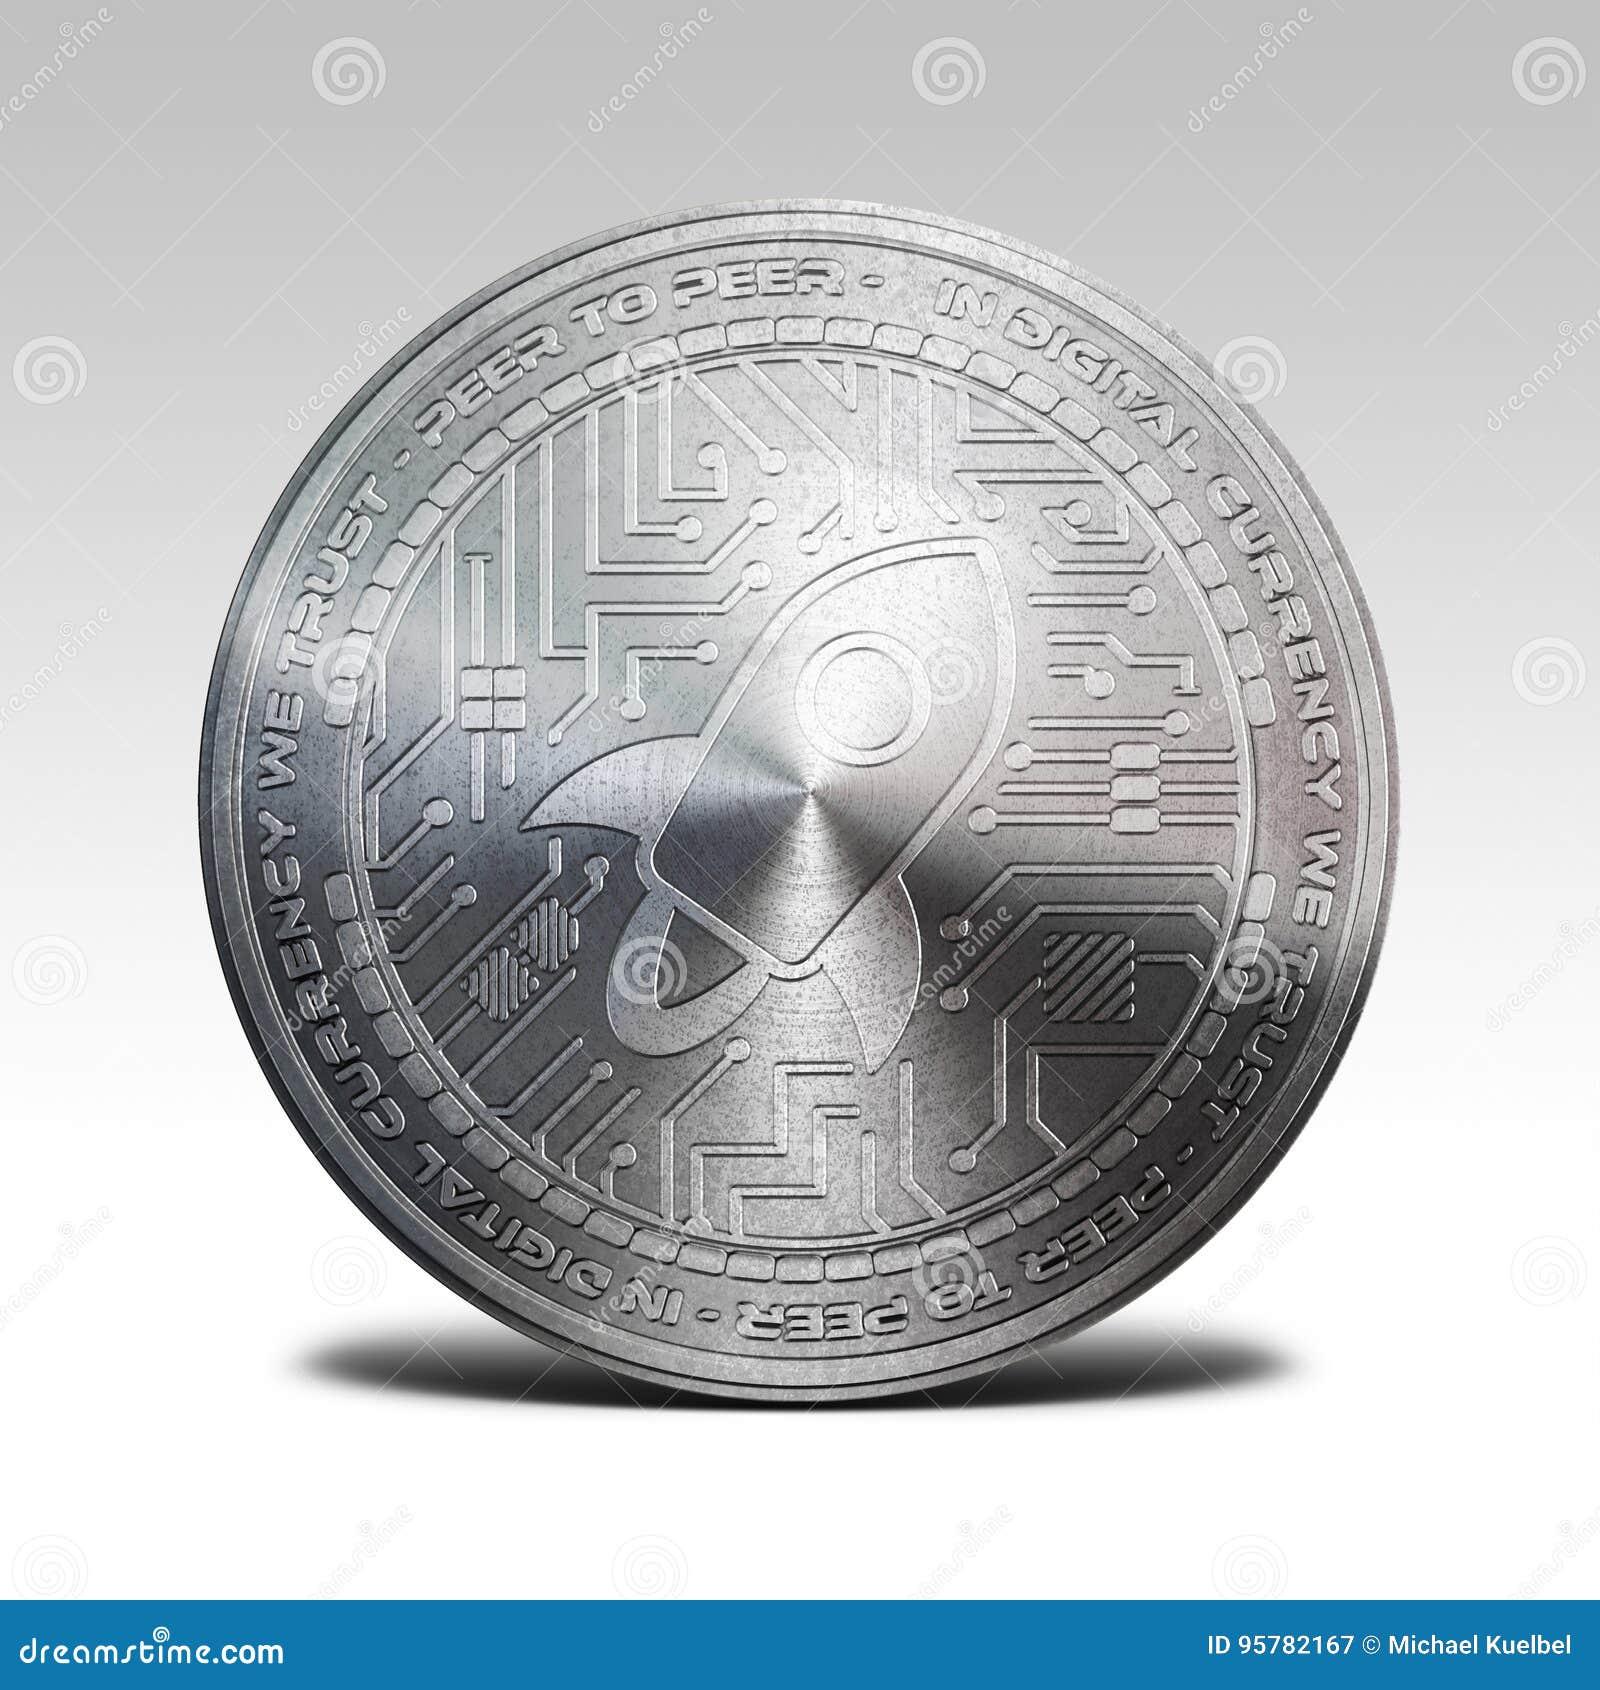 lumen coin